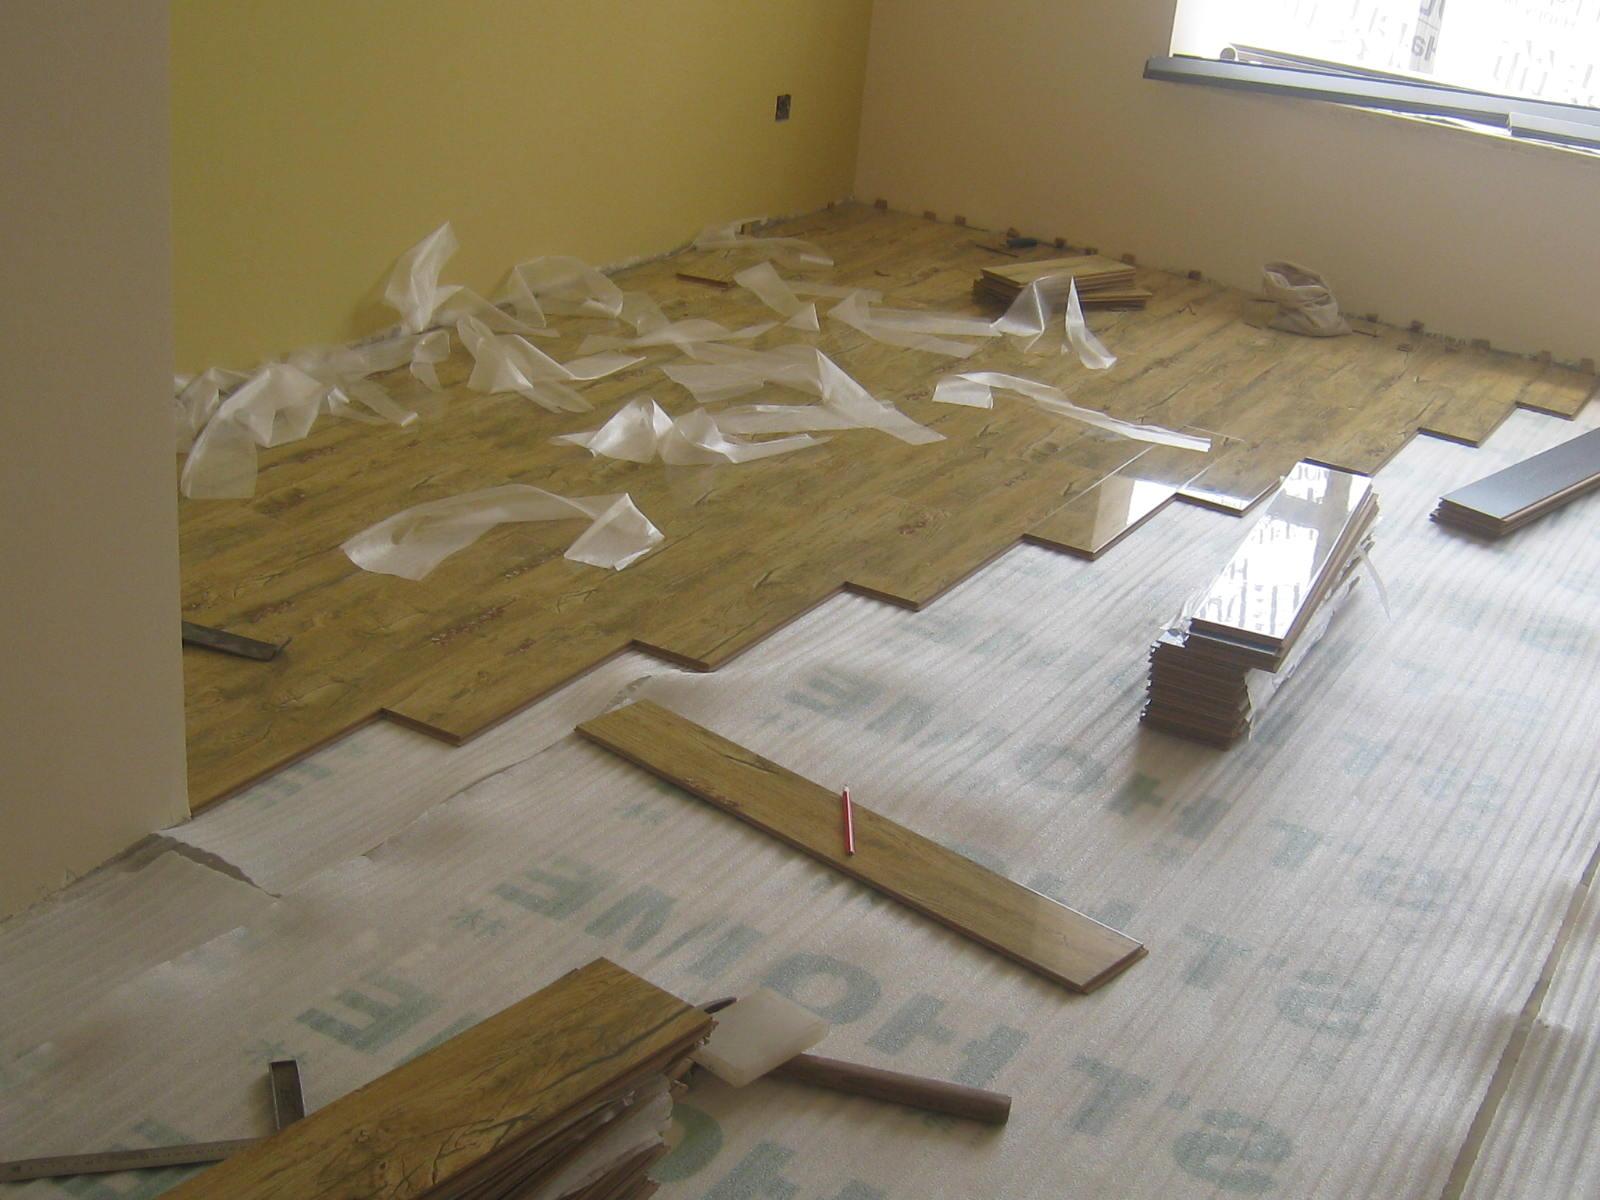 安装实木地板的方法有两种,一是直接铺设;二是先铺设地垅,再将地板铺在地垅之上。  直接铺设实木地板的话,相对来说比较节省安装费用。但由于实木地板在受潮后容易变形,而这个种类的地板购买价格较高,因此不建议大家选择这种直接铺设的安装方法。 先铺设地垅时会在缝隙之中加入碳,并且用专业的钉子固定地板,因此这个安装方法则更为普遍、安全,可以极大程度地防止地板变形。